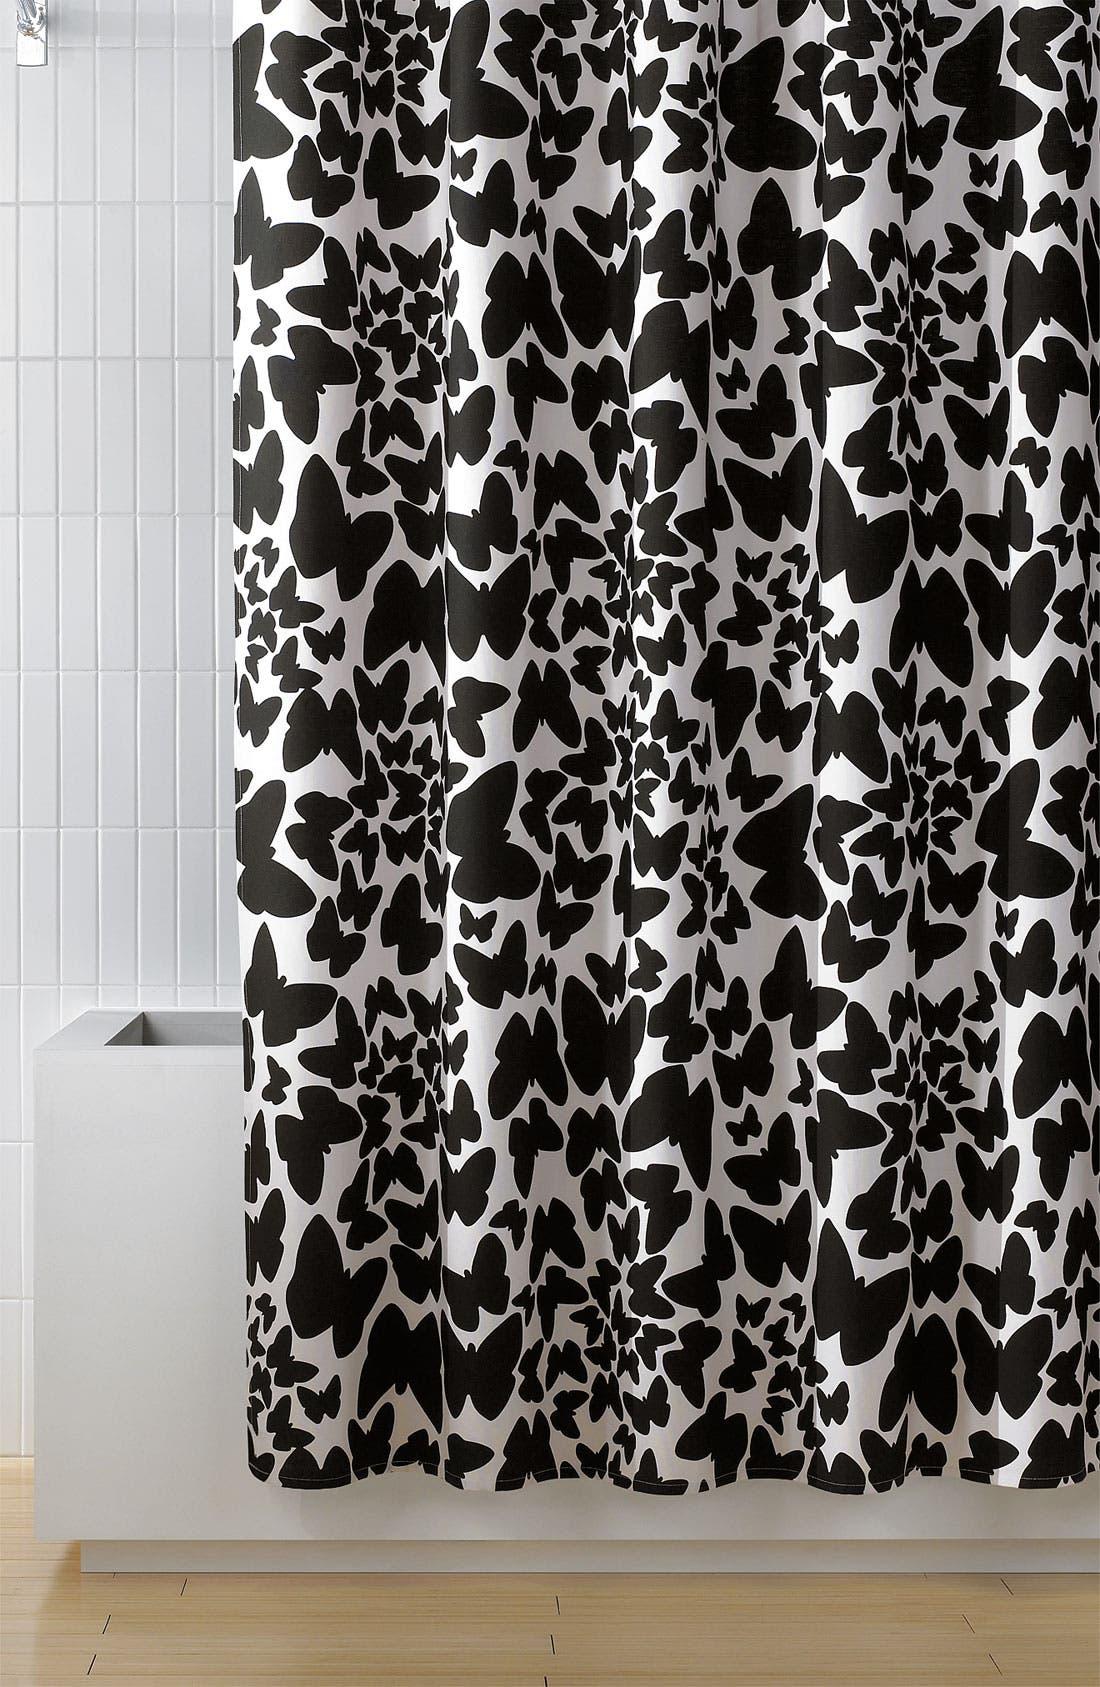 Alternate Image 1 Selected - Diane von Furstenberg 'Butterflies' Shower Curtain